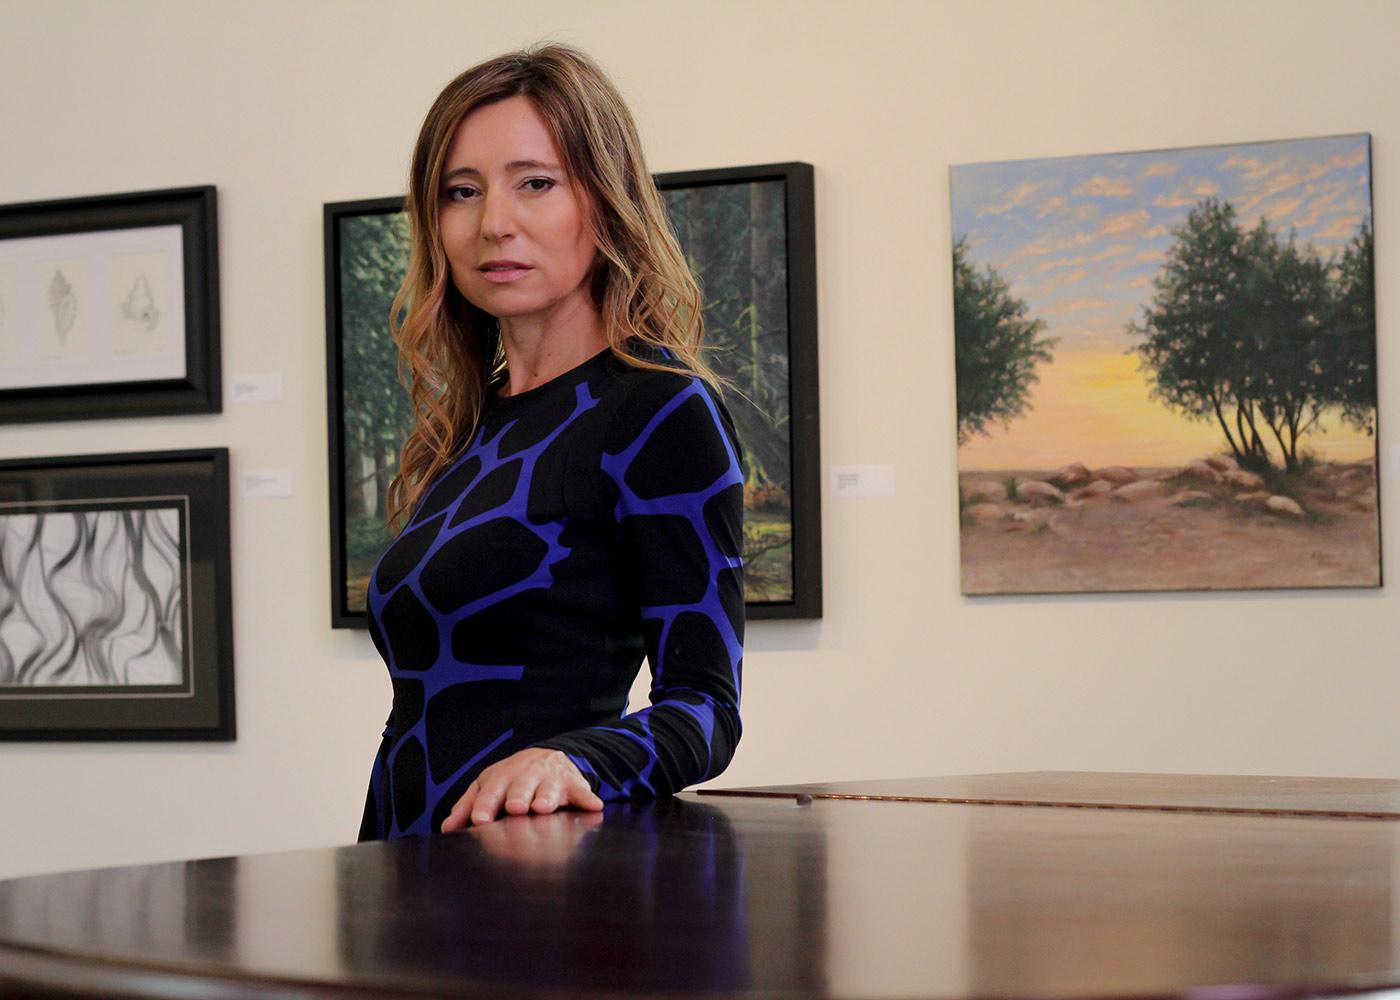 Ana Bacic